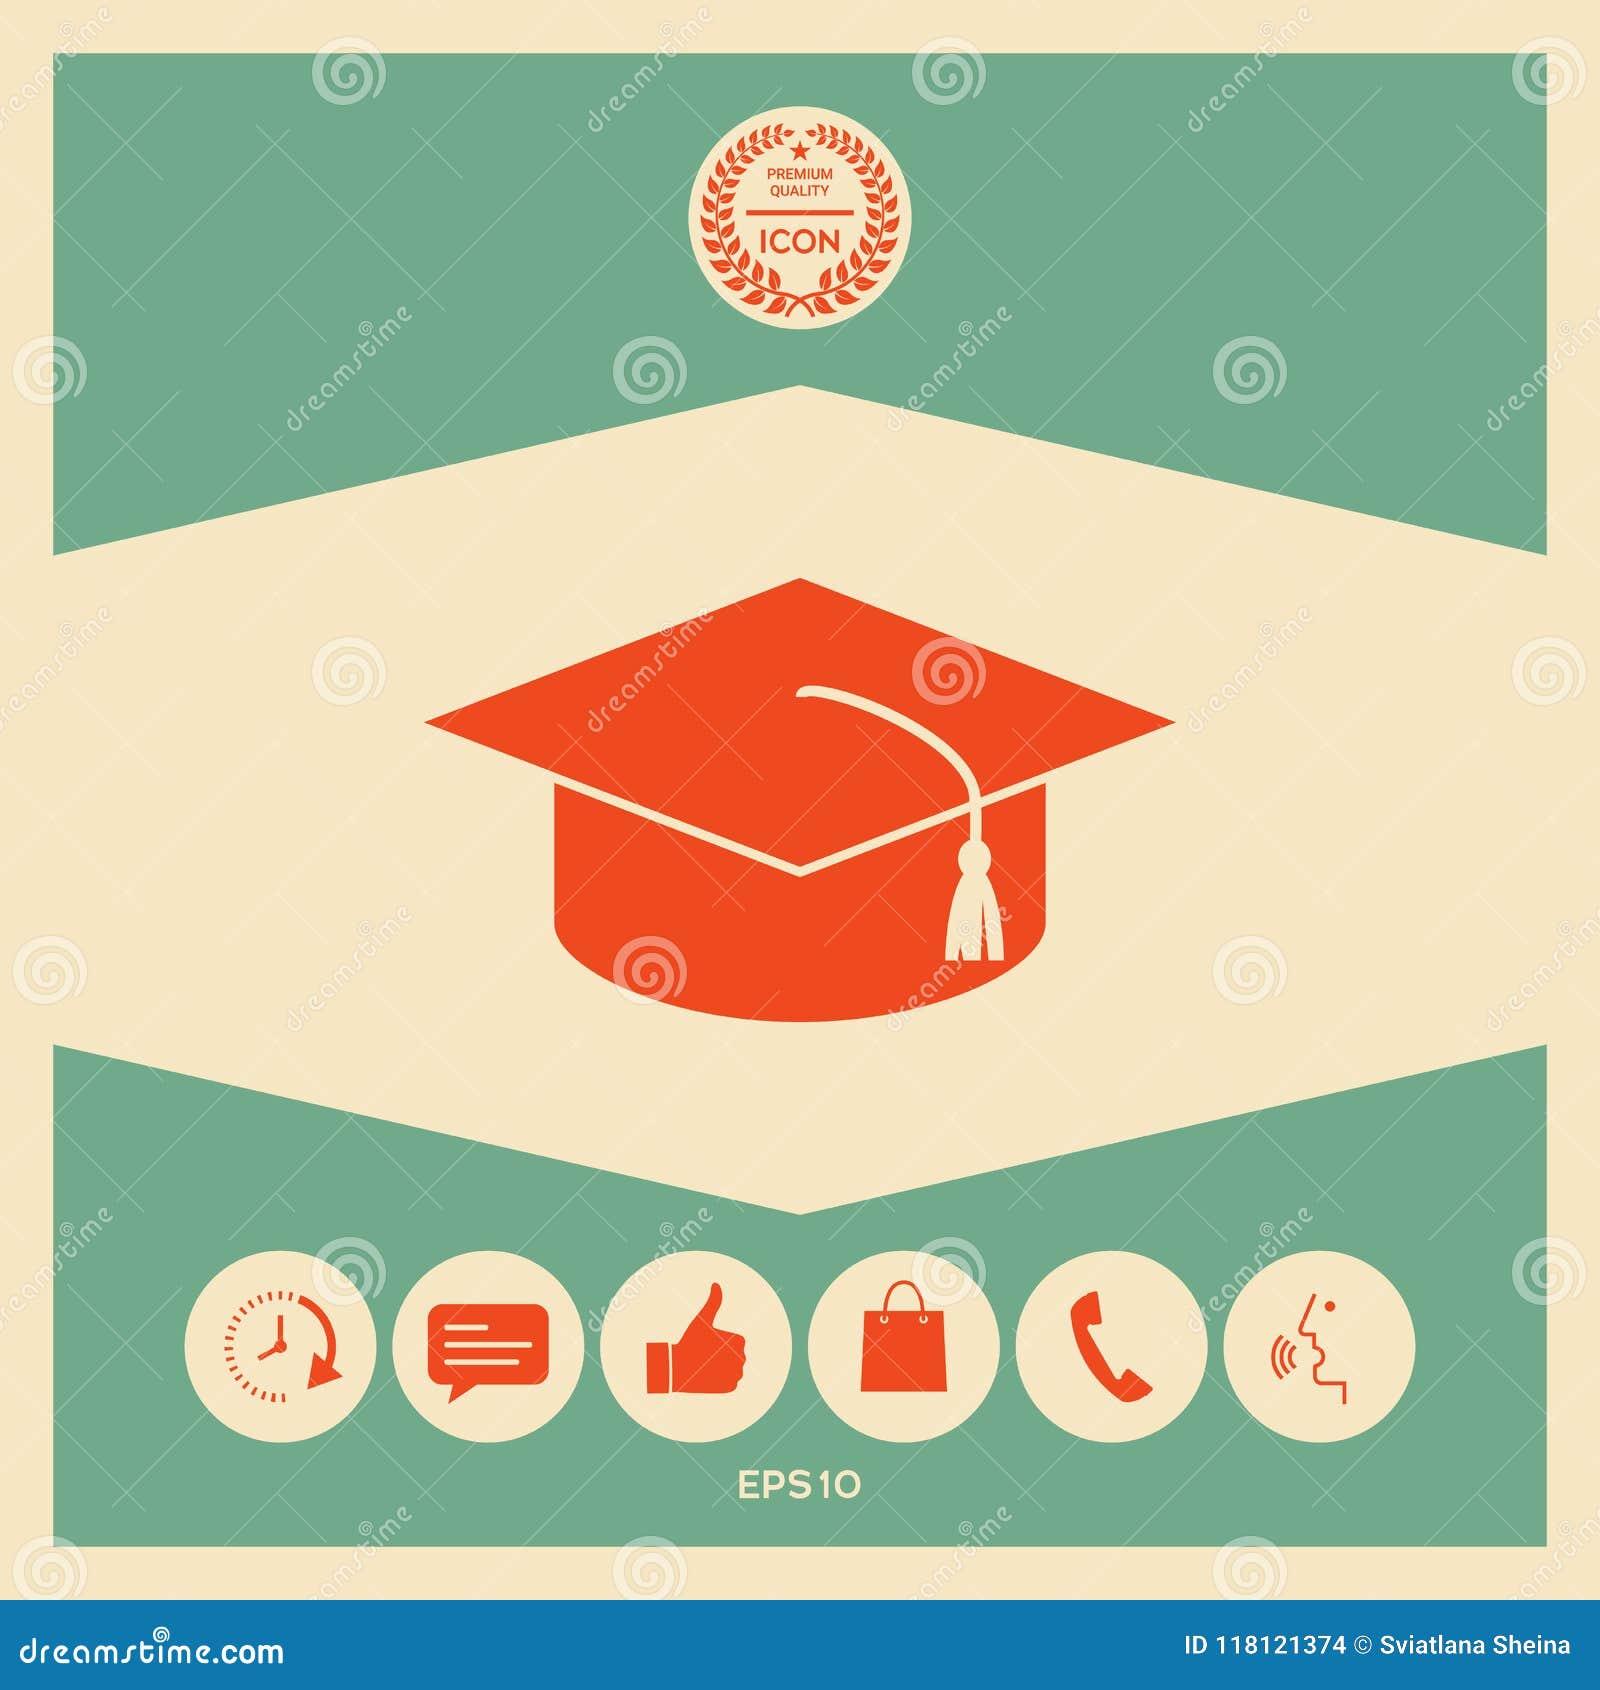 Master cap for graduates, square academic cap, graduation cap icon